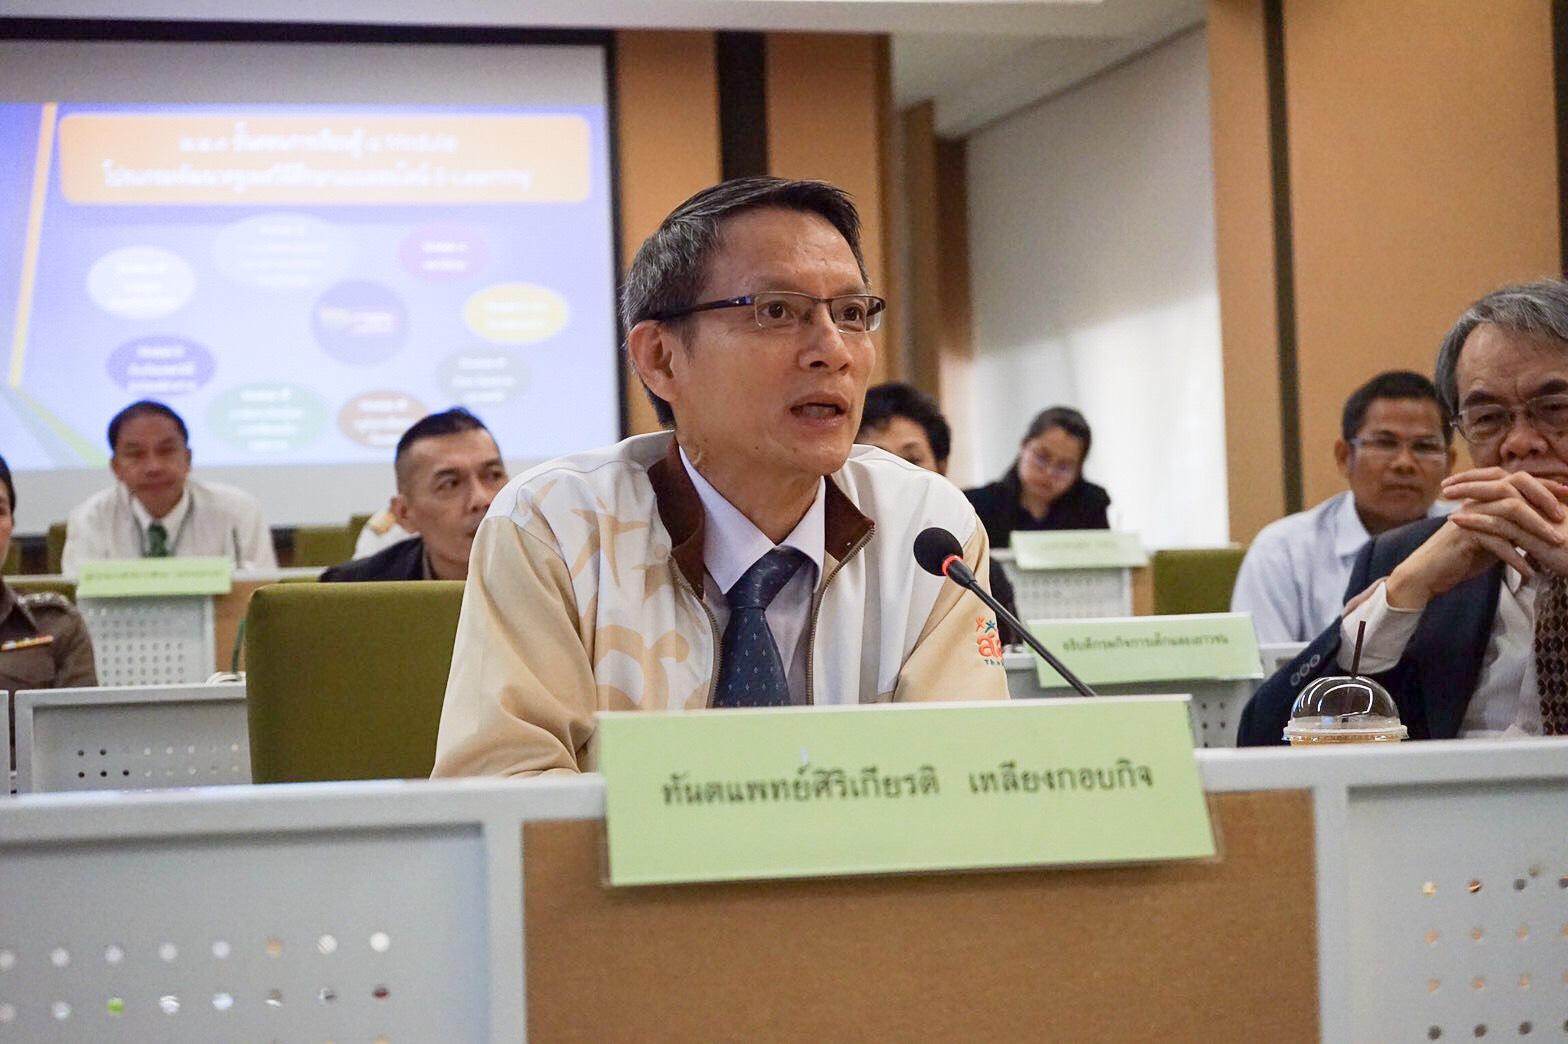 สสส.-สพฐ.-P2H ผนึกภาคี พัฒนาระบบ e-Learning เพศศึกษา  thaihealth